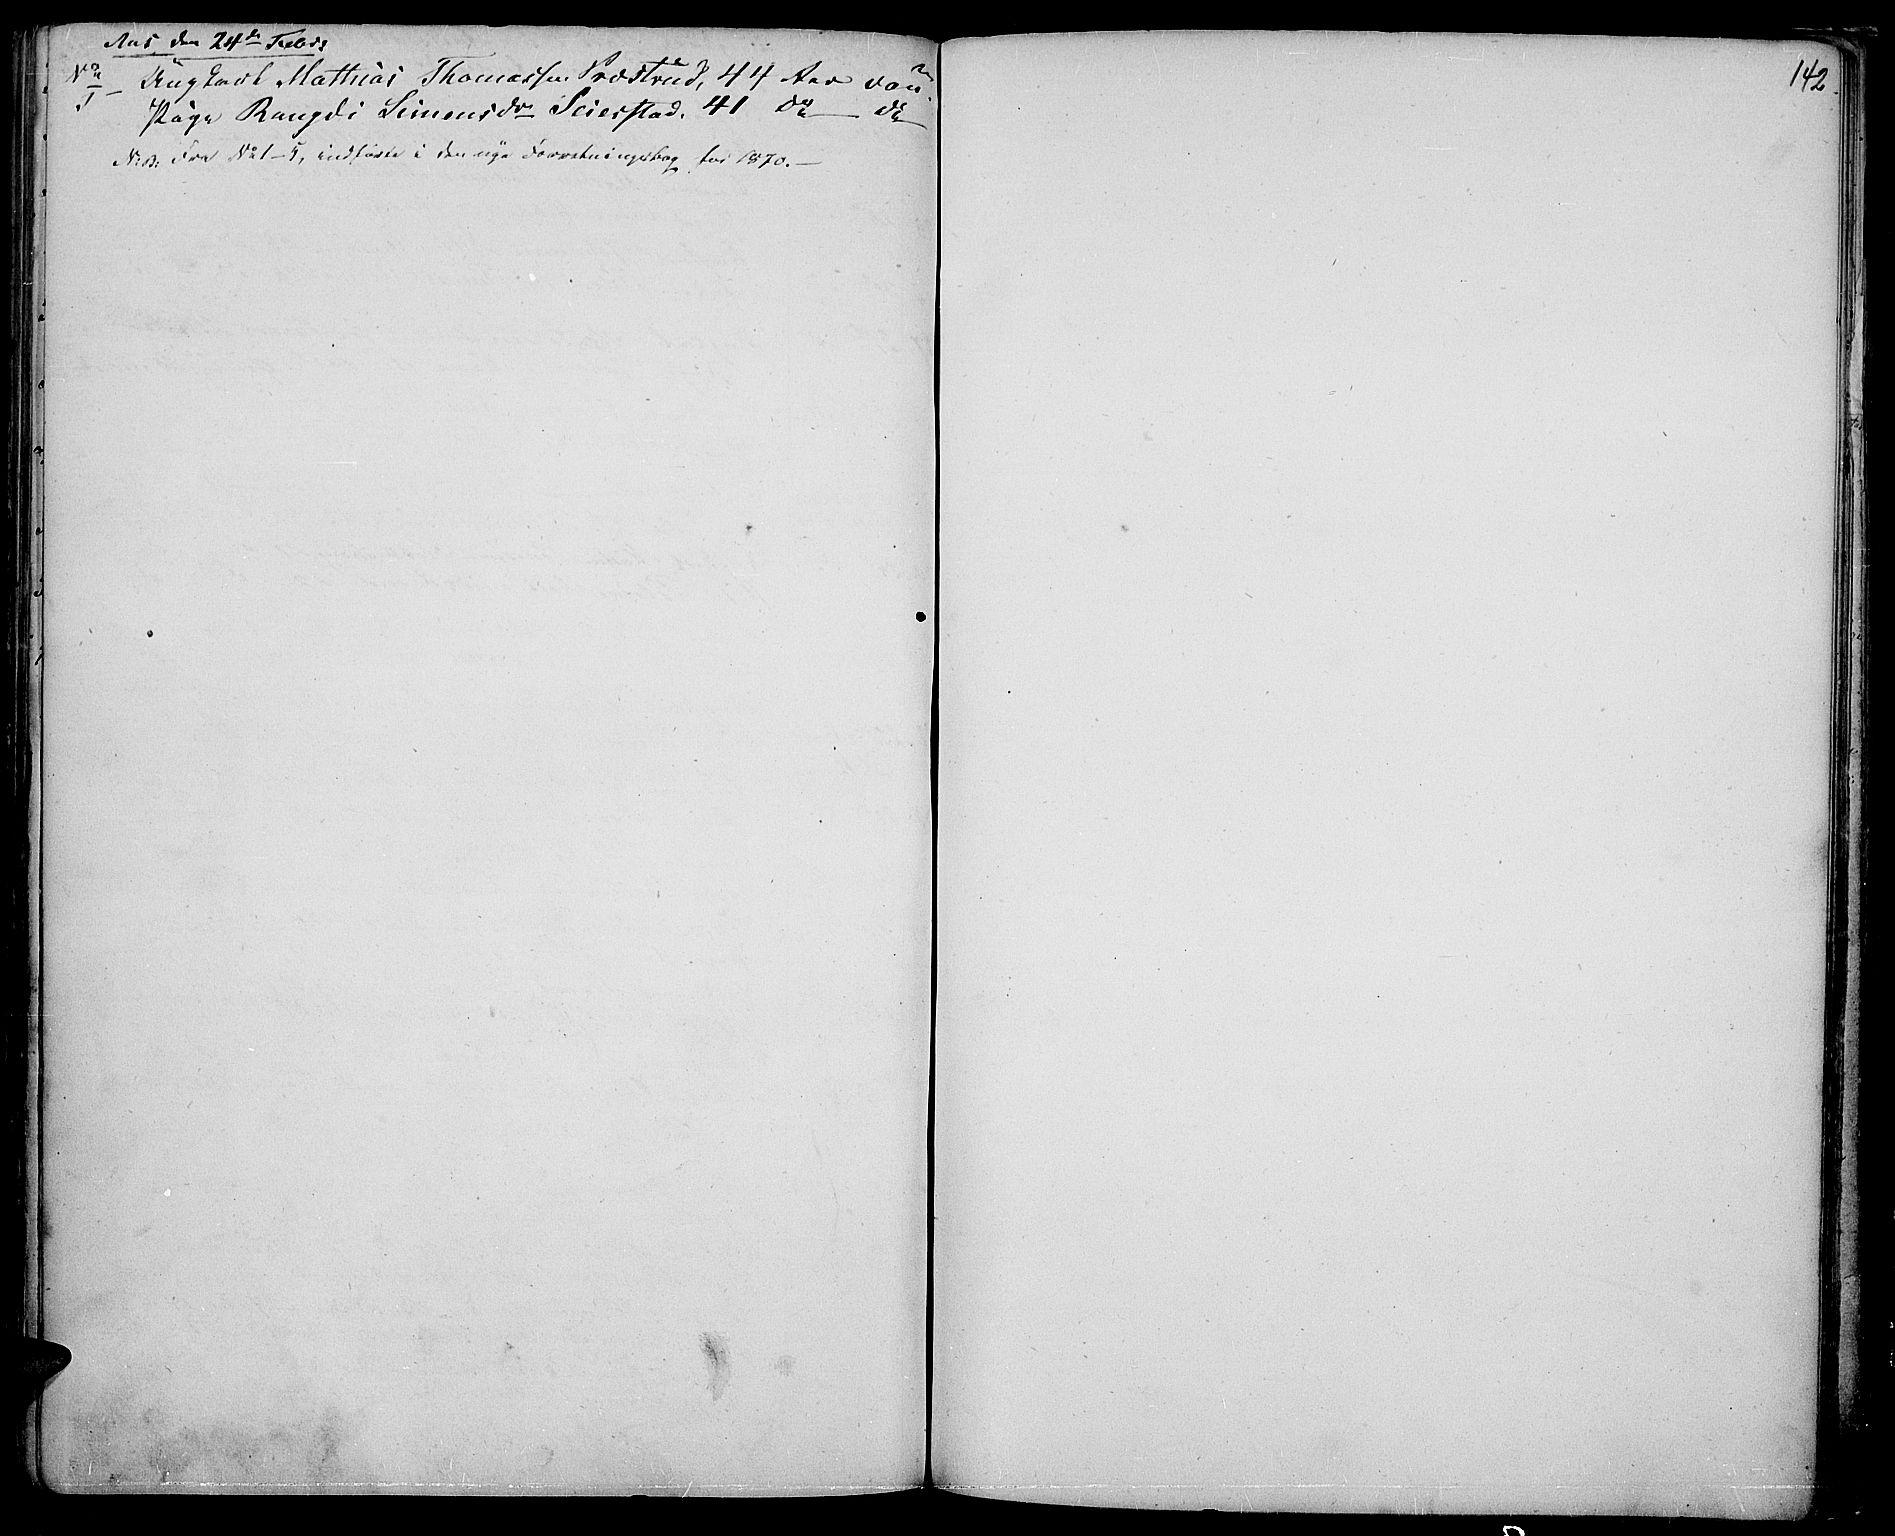 SAH, Vestre Toten prestekontor, Klokkerbok nr. 5, 1854-1870, s. 142